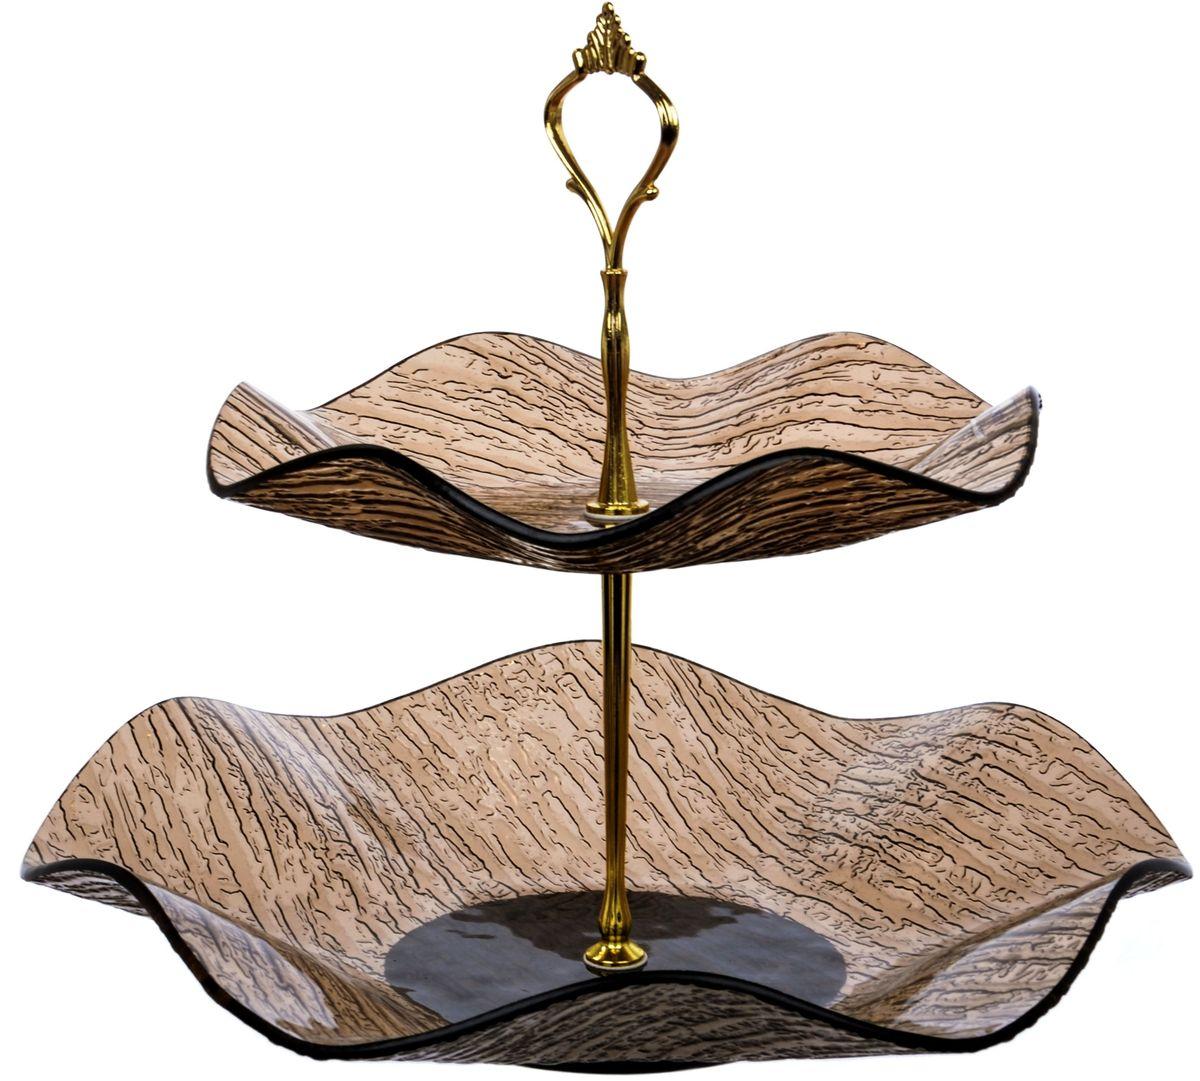 Этажерка 2-х ярусная Арт Дон ВодопадAD10-89VBПосуду в бесцветном варианте и в бронзе можно мыть в ПММ. Допускается использование в СВЧ. Рекомендуется избегать любого механического воздействия на стекло во избежание его крушения. Узорчатое стекло изготавливается методом его нагрева и проката по твердому основанию, которое имеет заданный рельеф. При остывании такого стекла получается изделие, наделенное рельефным узором. Для такой обработки подходит окрашенное в массе, осветленное или обыкновенное стекло.На выходе мы получаем безопасную посуду из моллированного (изогнутого) узорчатого стекла, которая имеет рифленую поверхность снаружи и гладкую внутри. Наличие множества граней преломляет свет, из-за чего посуда выглядит ярко, необычно, оригинально.